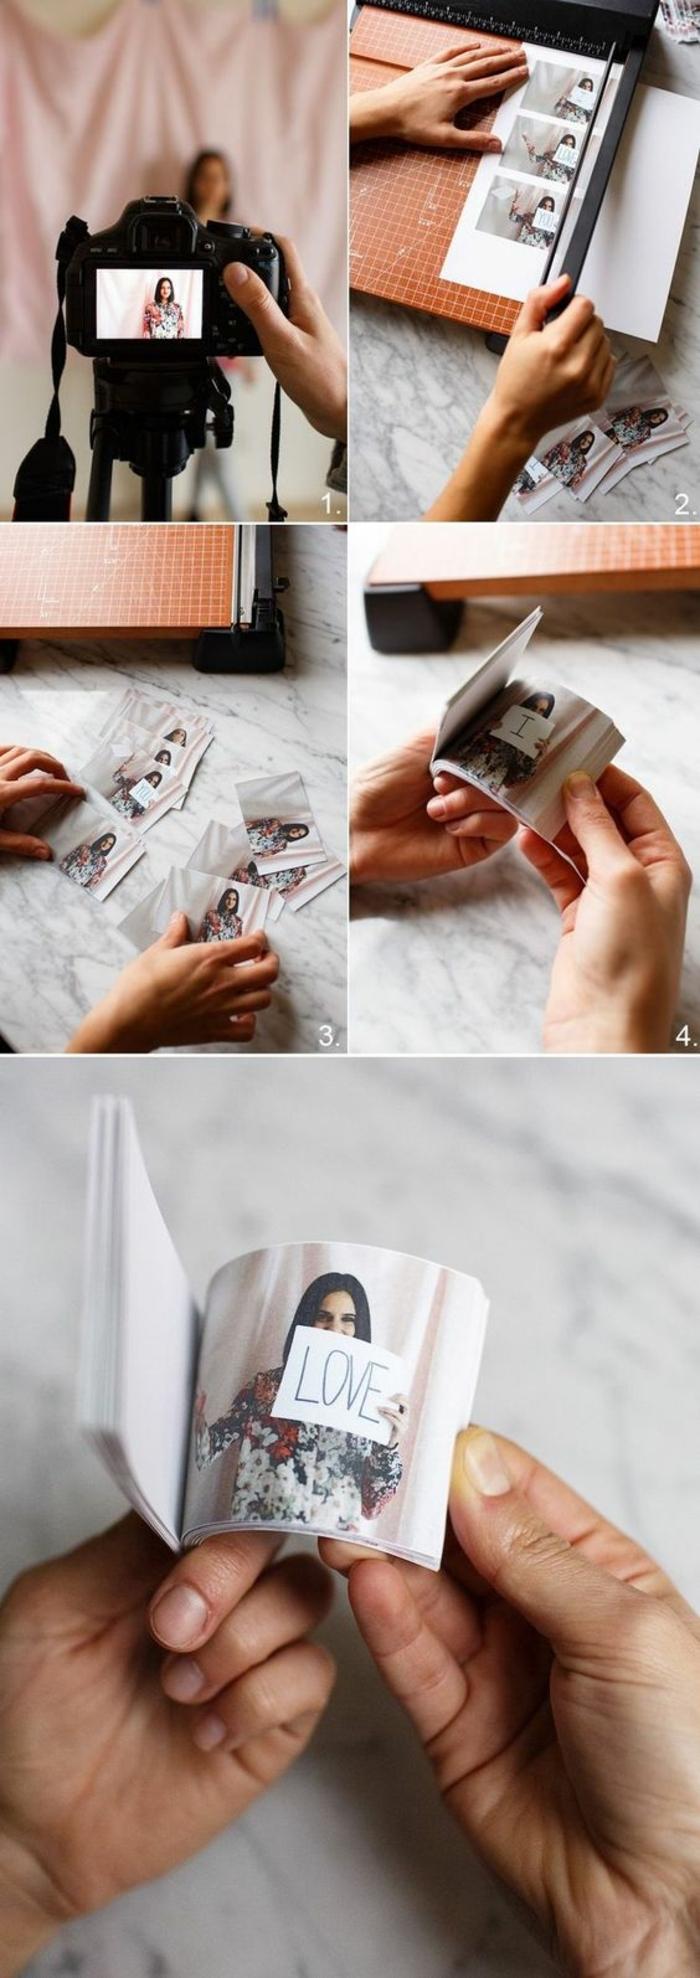 como hacer un mini libro con fotos, ideas super originales sorpresas de cumpleaños para amigas